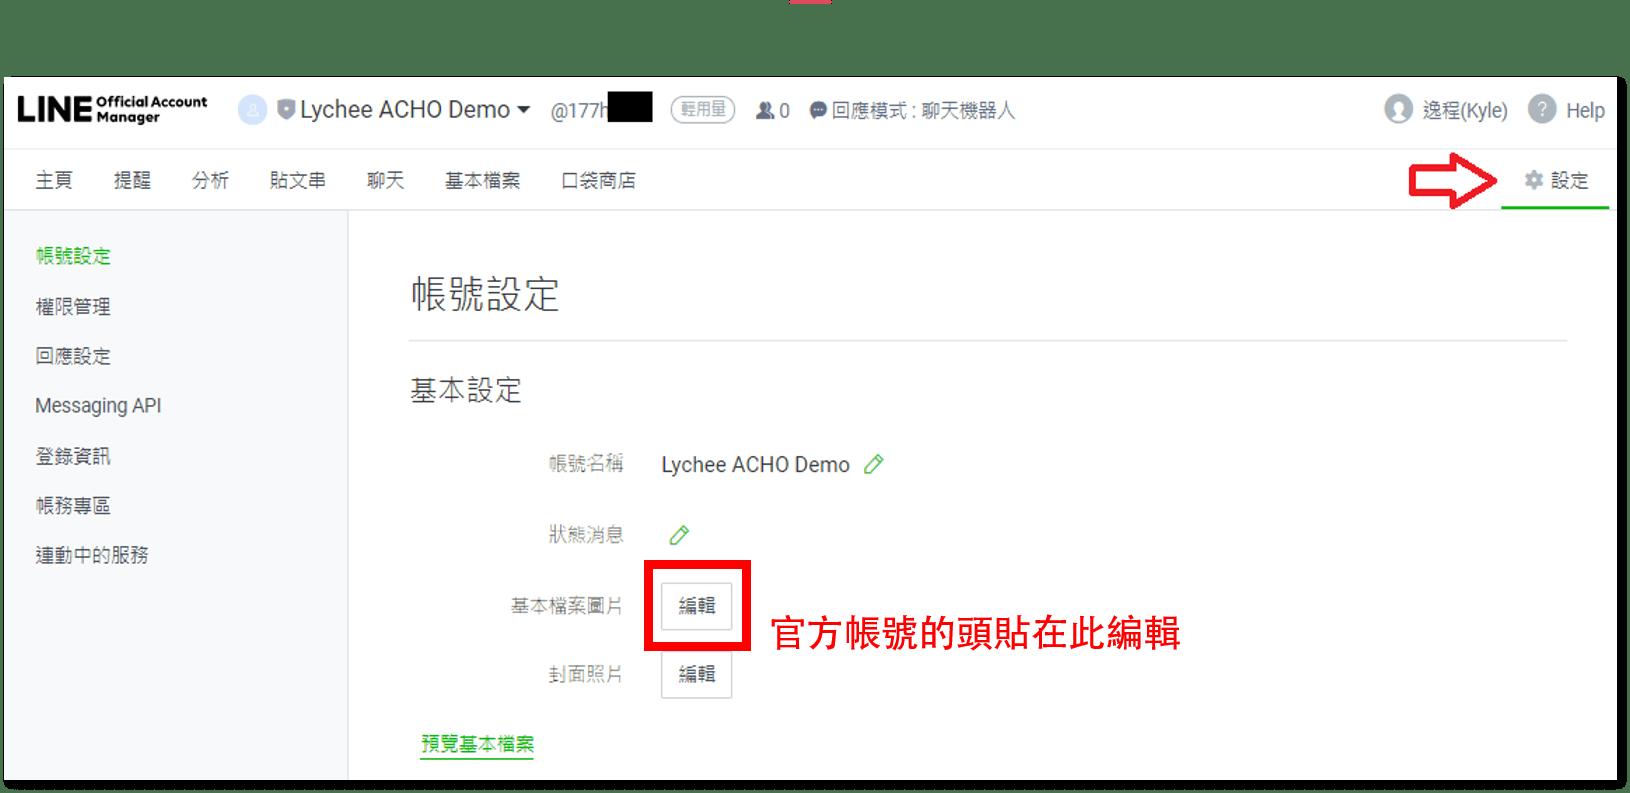 登入LINE官方帳號管理後台之後,您可以在「設定」中進行「帳號設定」,在這裡可以編輯官方帳號的名稱、基本檔案圖片、封面圖片。